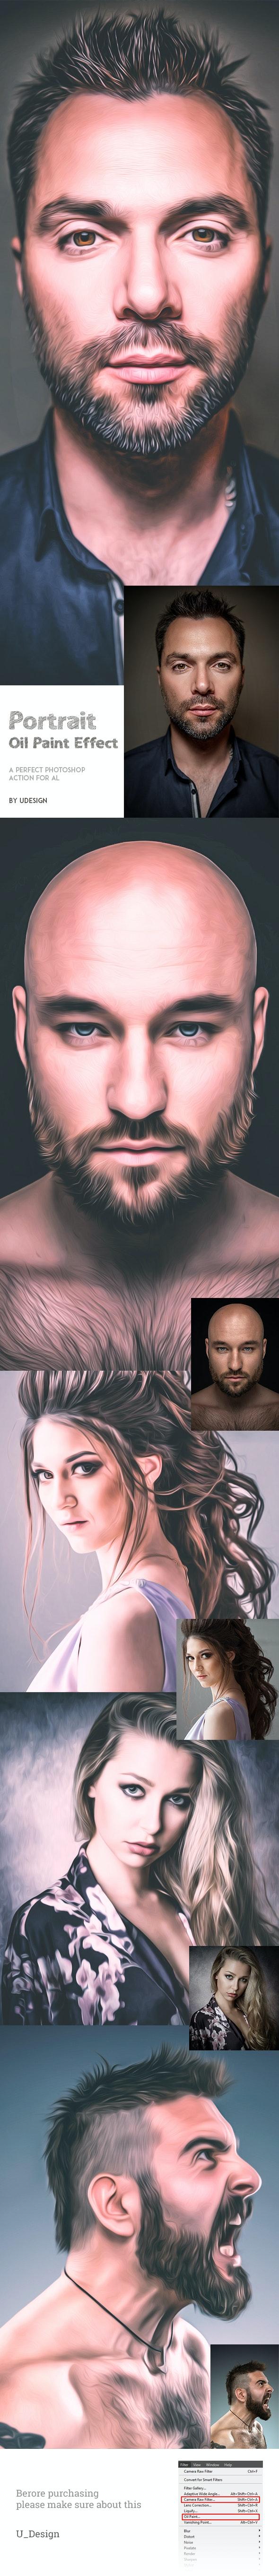 Portrait Oil Paint Effect - Photo Effects Actions